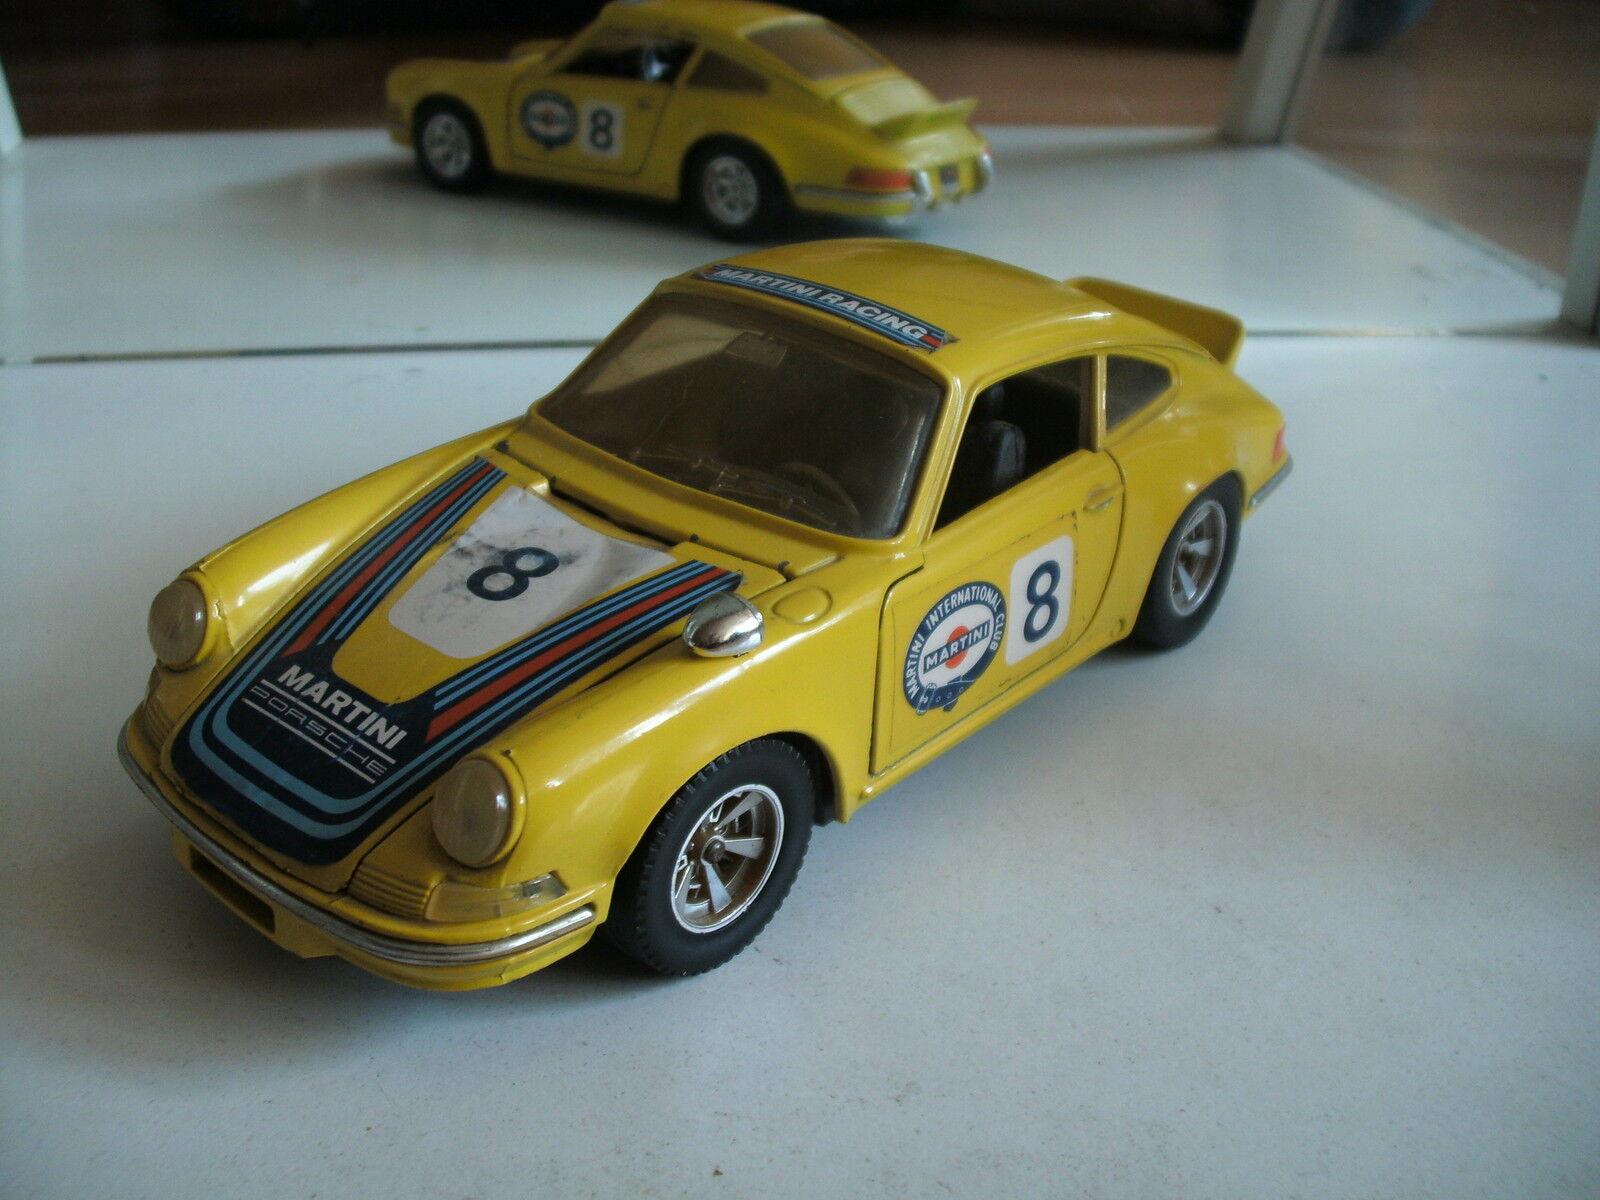 colorways incredibili Bburago burago Porsche 911 autorera RS RS RS Martini Racing in gituttio on 1 24  la vostra soddisfazione è il nostro obiettivo